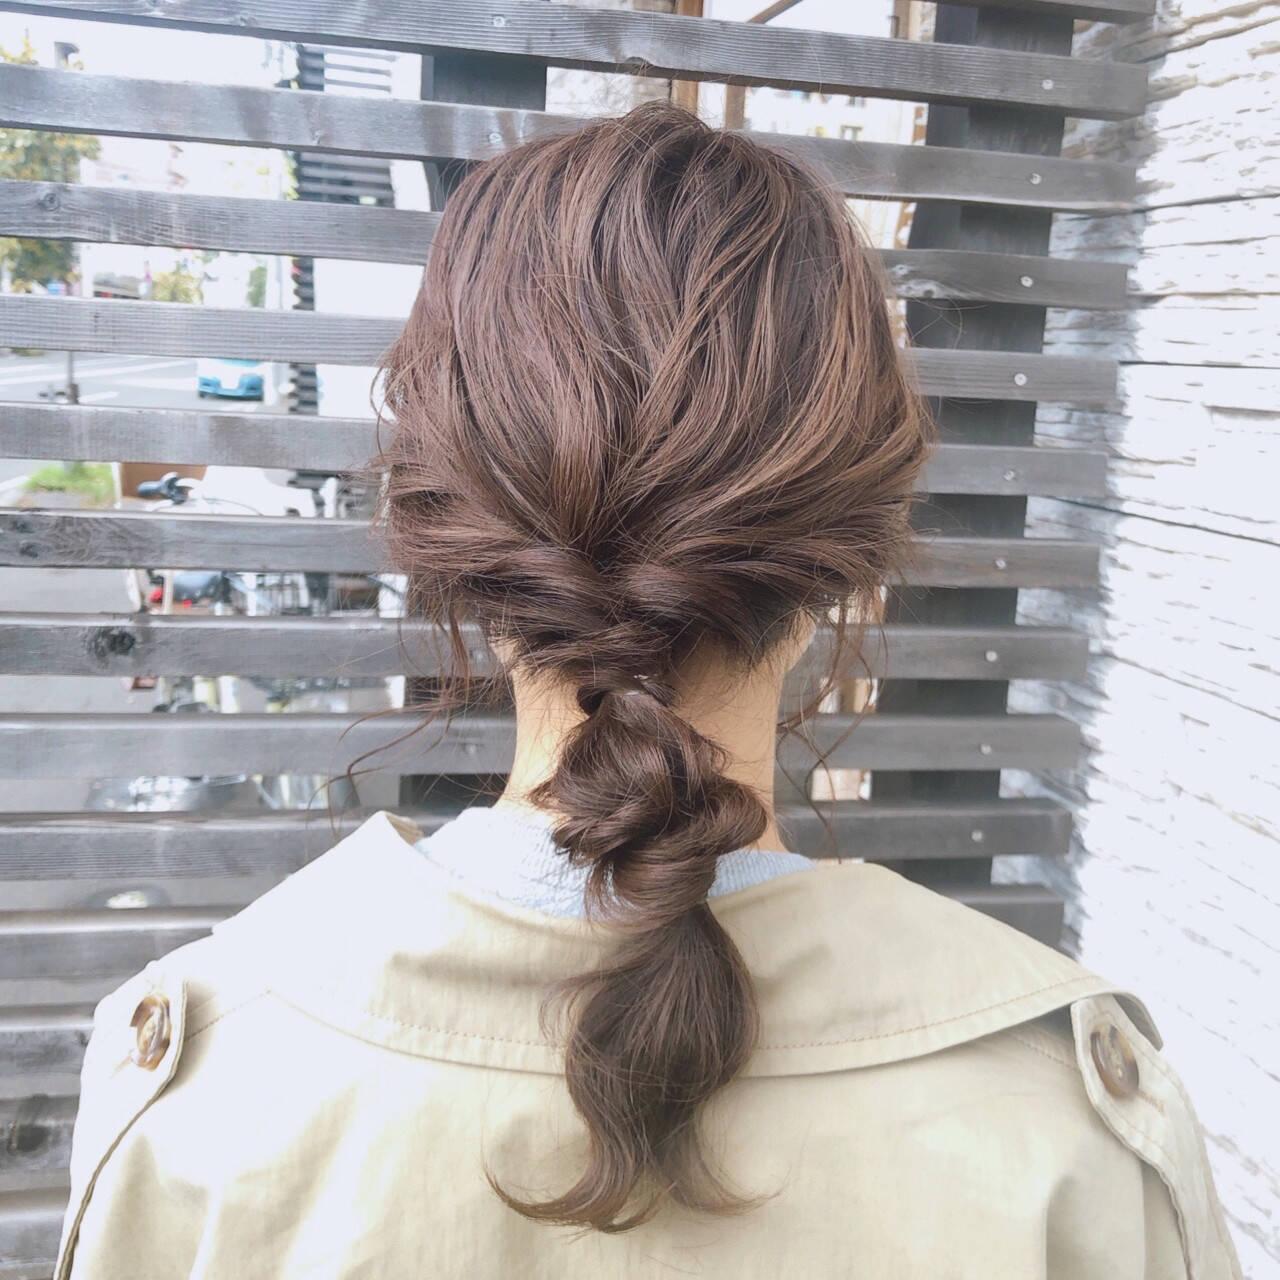 ナチュラル可愛い 編みおろし 大人かわいい 編みおろしヘアヘアスタイルや髪型の写真・画像